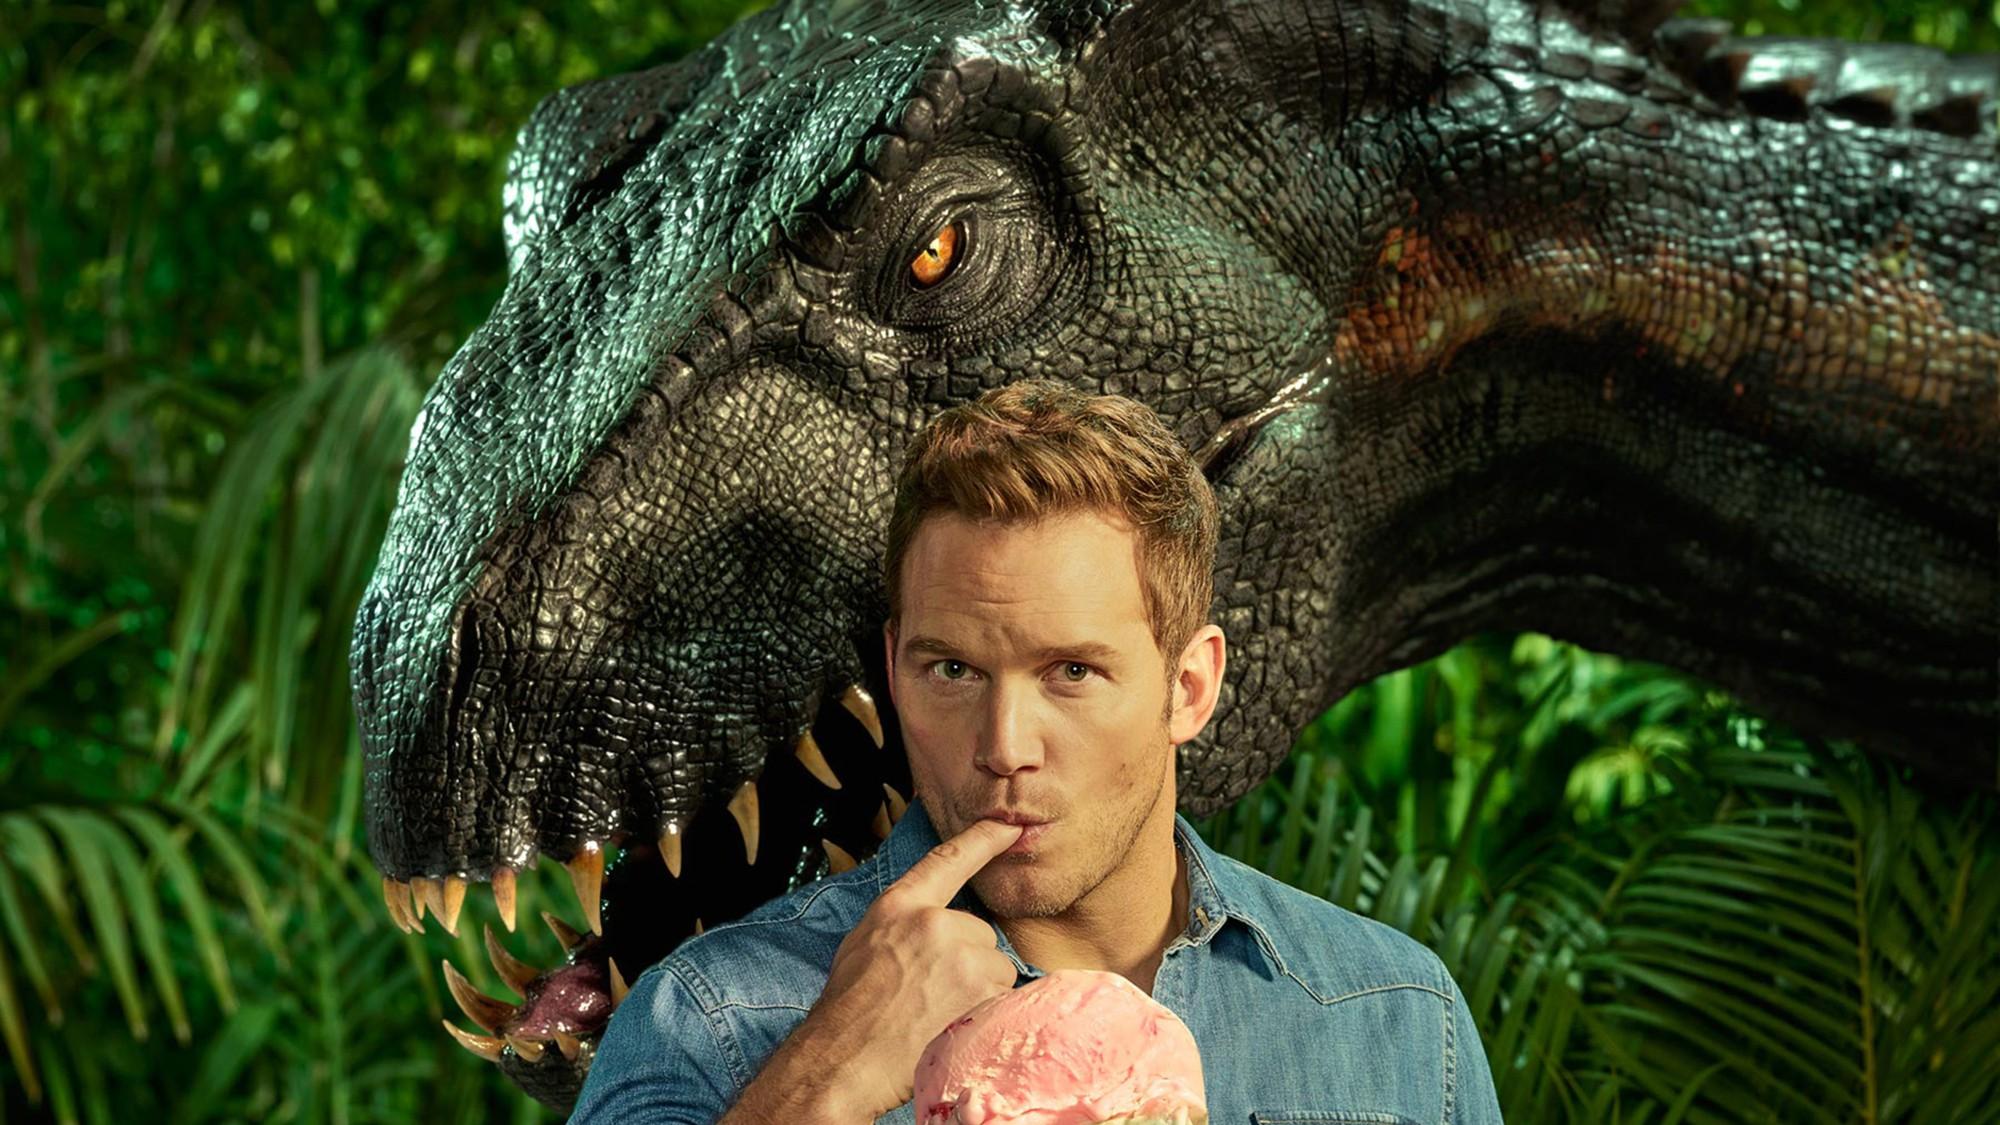 Cẩm nang 5 điều nằm lòng giúp bạn tránh lạc ở thế giới khủng long Jurassic World: Fallen Kingdom - Ảnh 4.